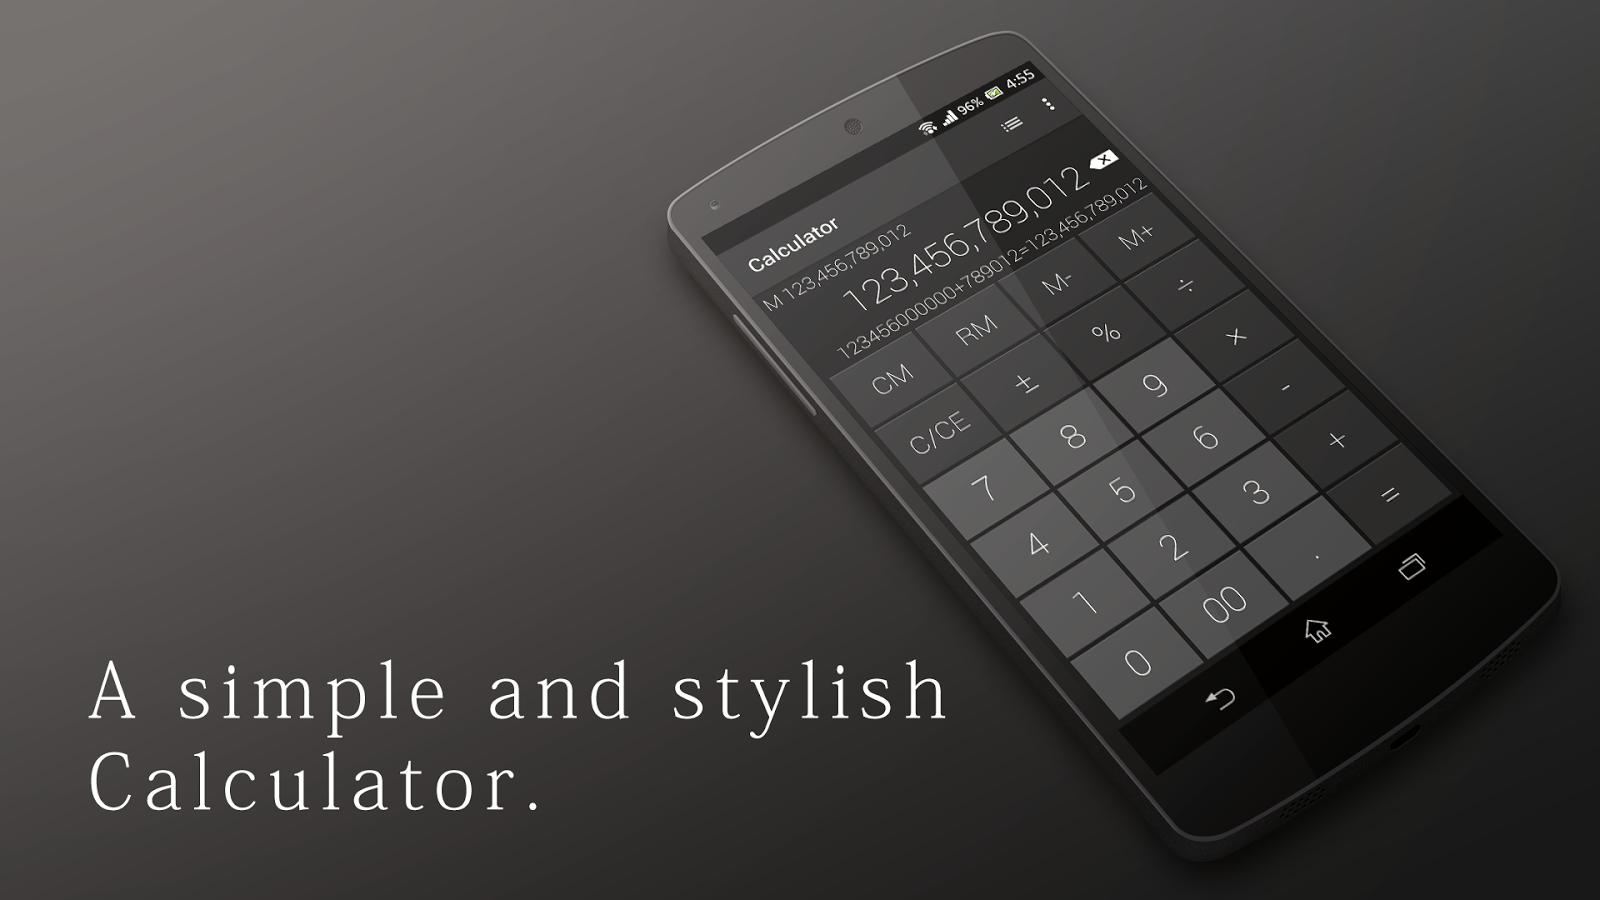 Calcolatrice elegante e sobria - screenshot